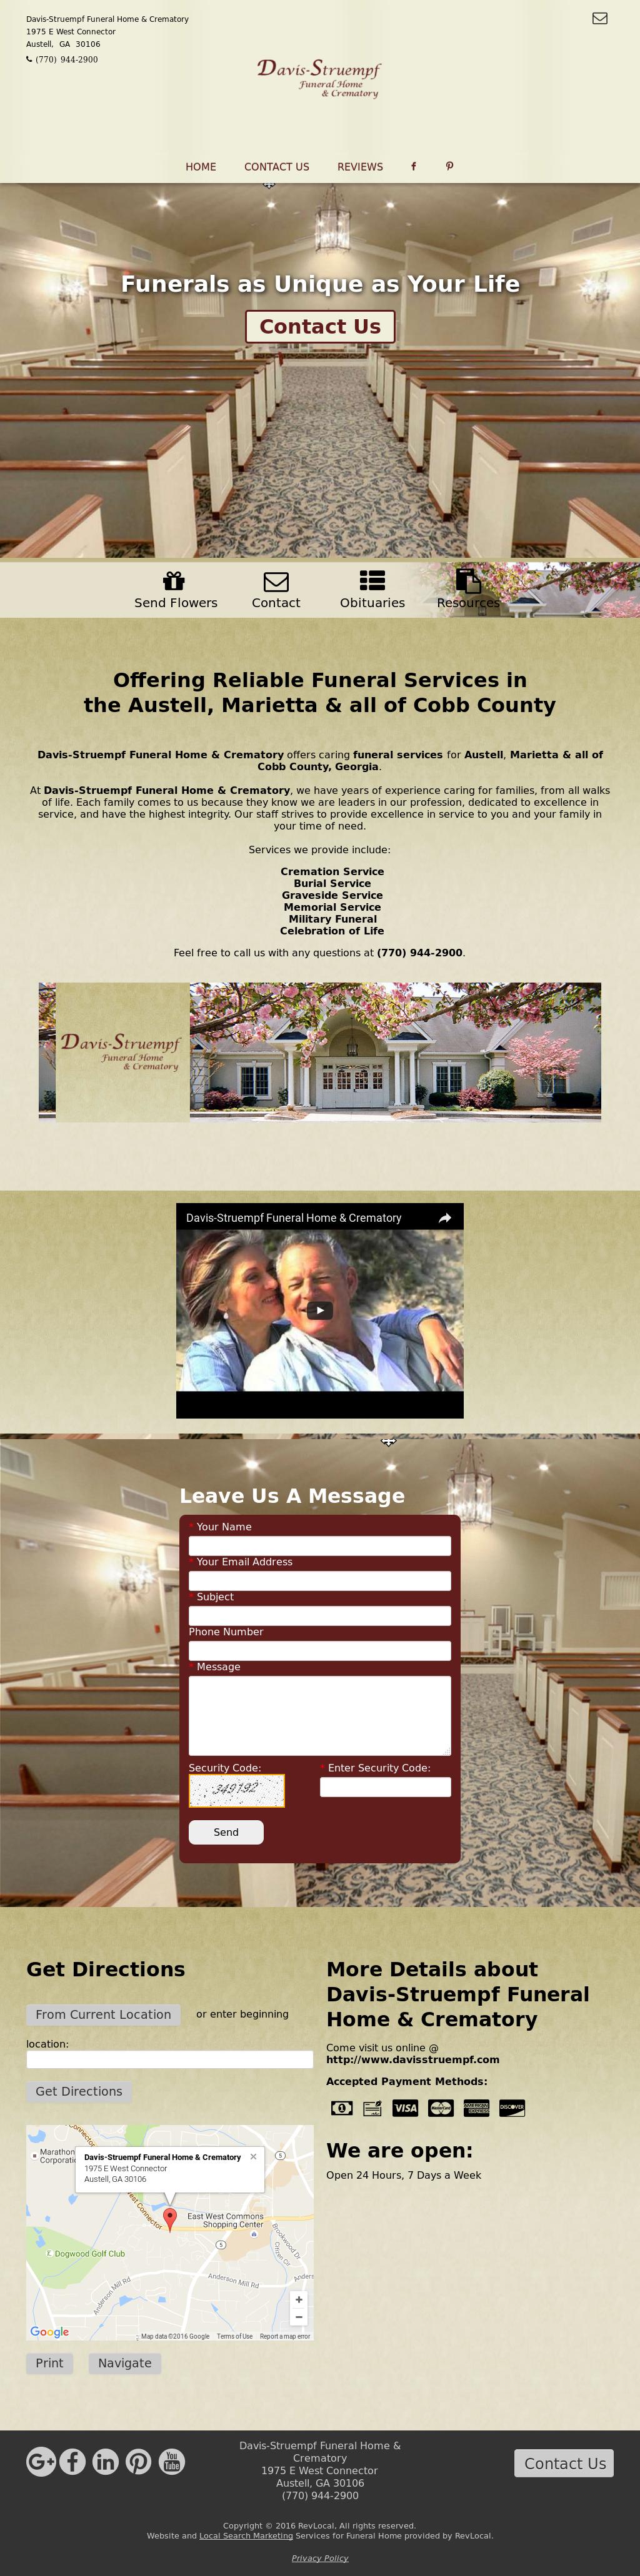 Davis-Struempf Funeral Home & Crematory Competitors, Revenue